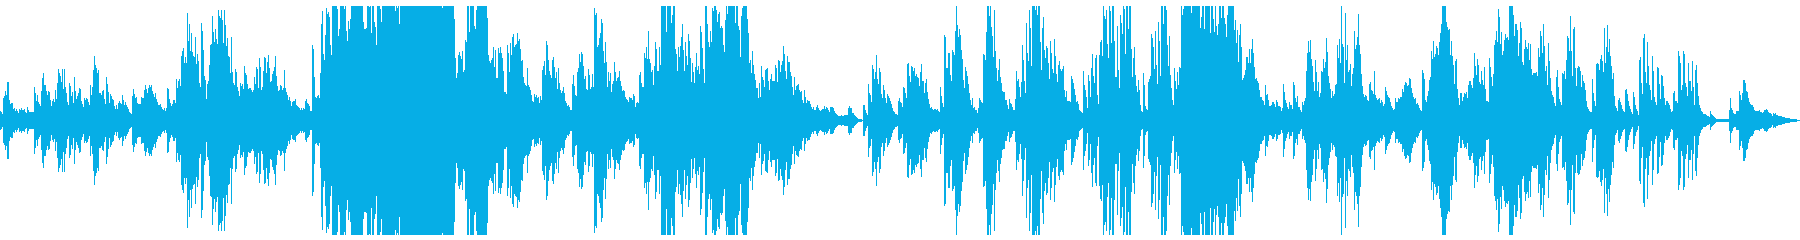 ドビュッシー「夢」ピアノ打ち込みの再生済みの波形